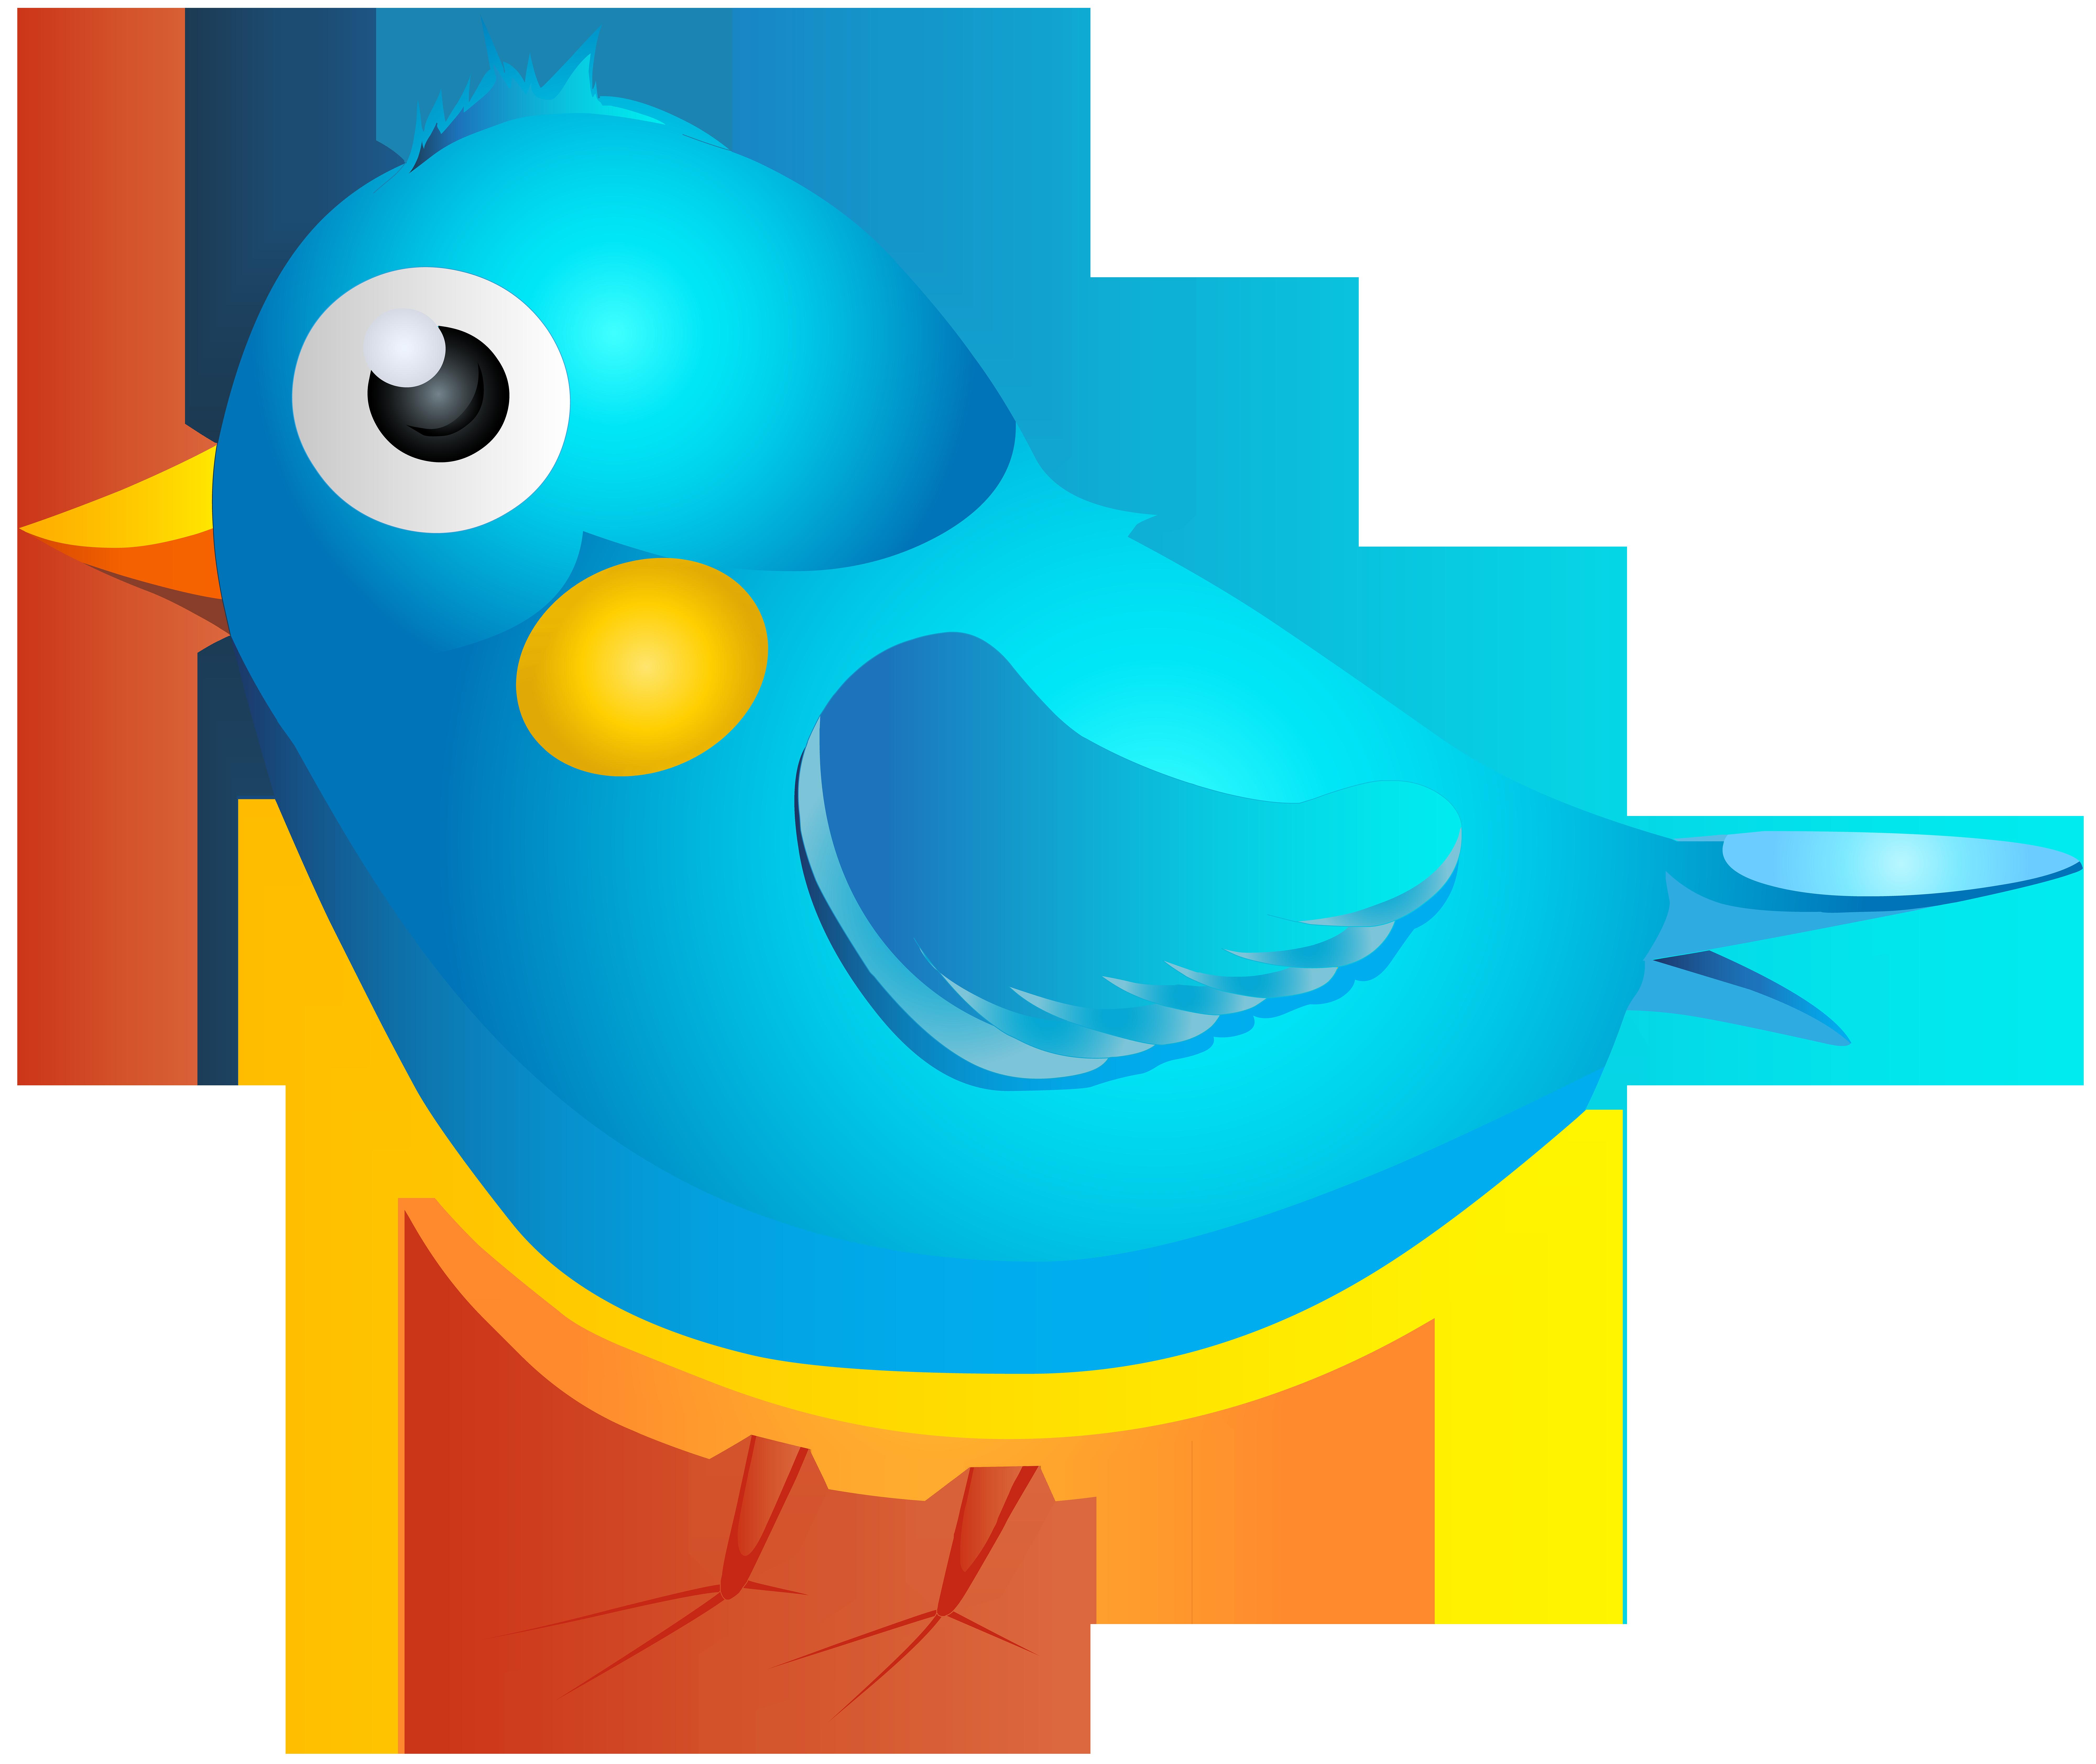 Blue transparent png image. Clipart bird cartoon